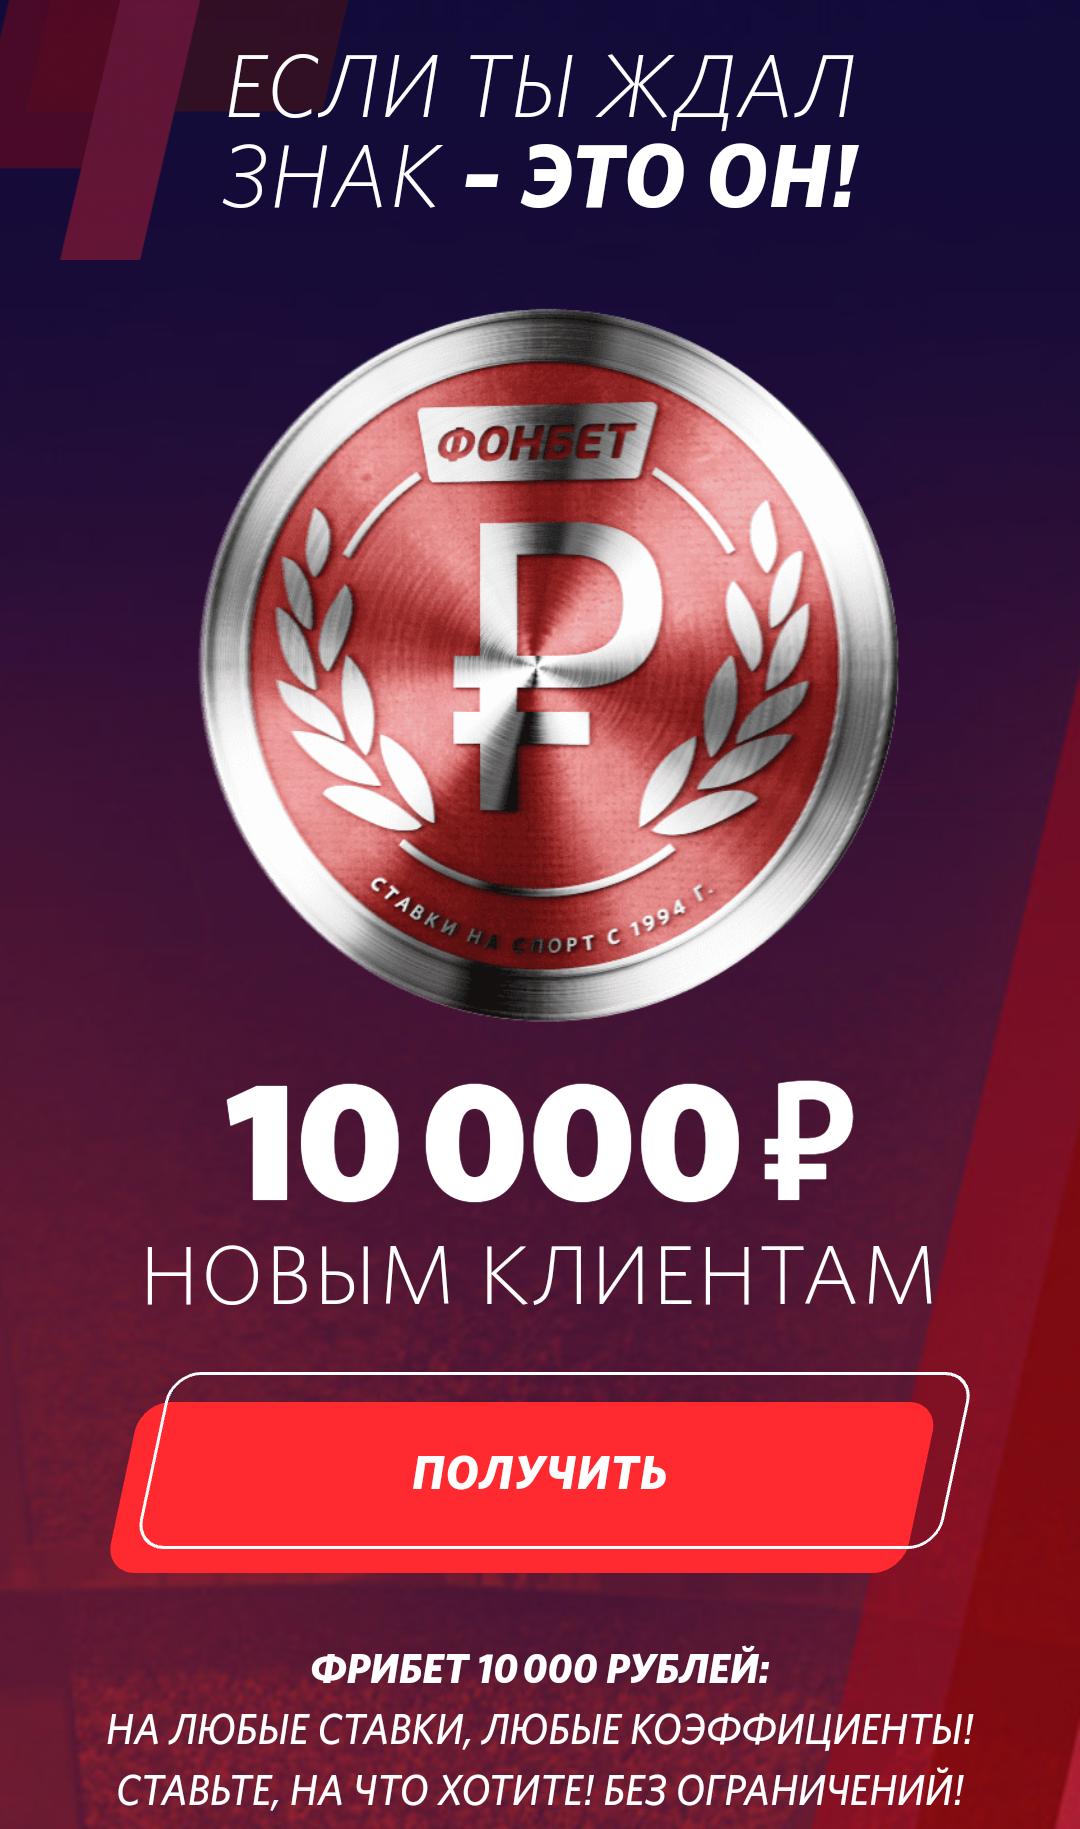 Фонбет 10000 акции букмекера